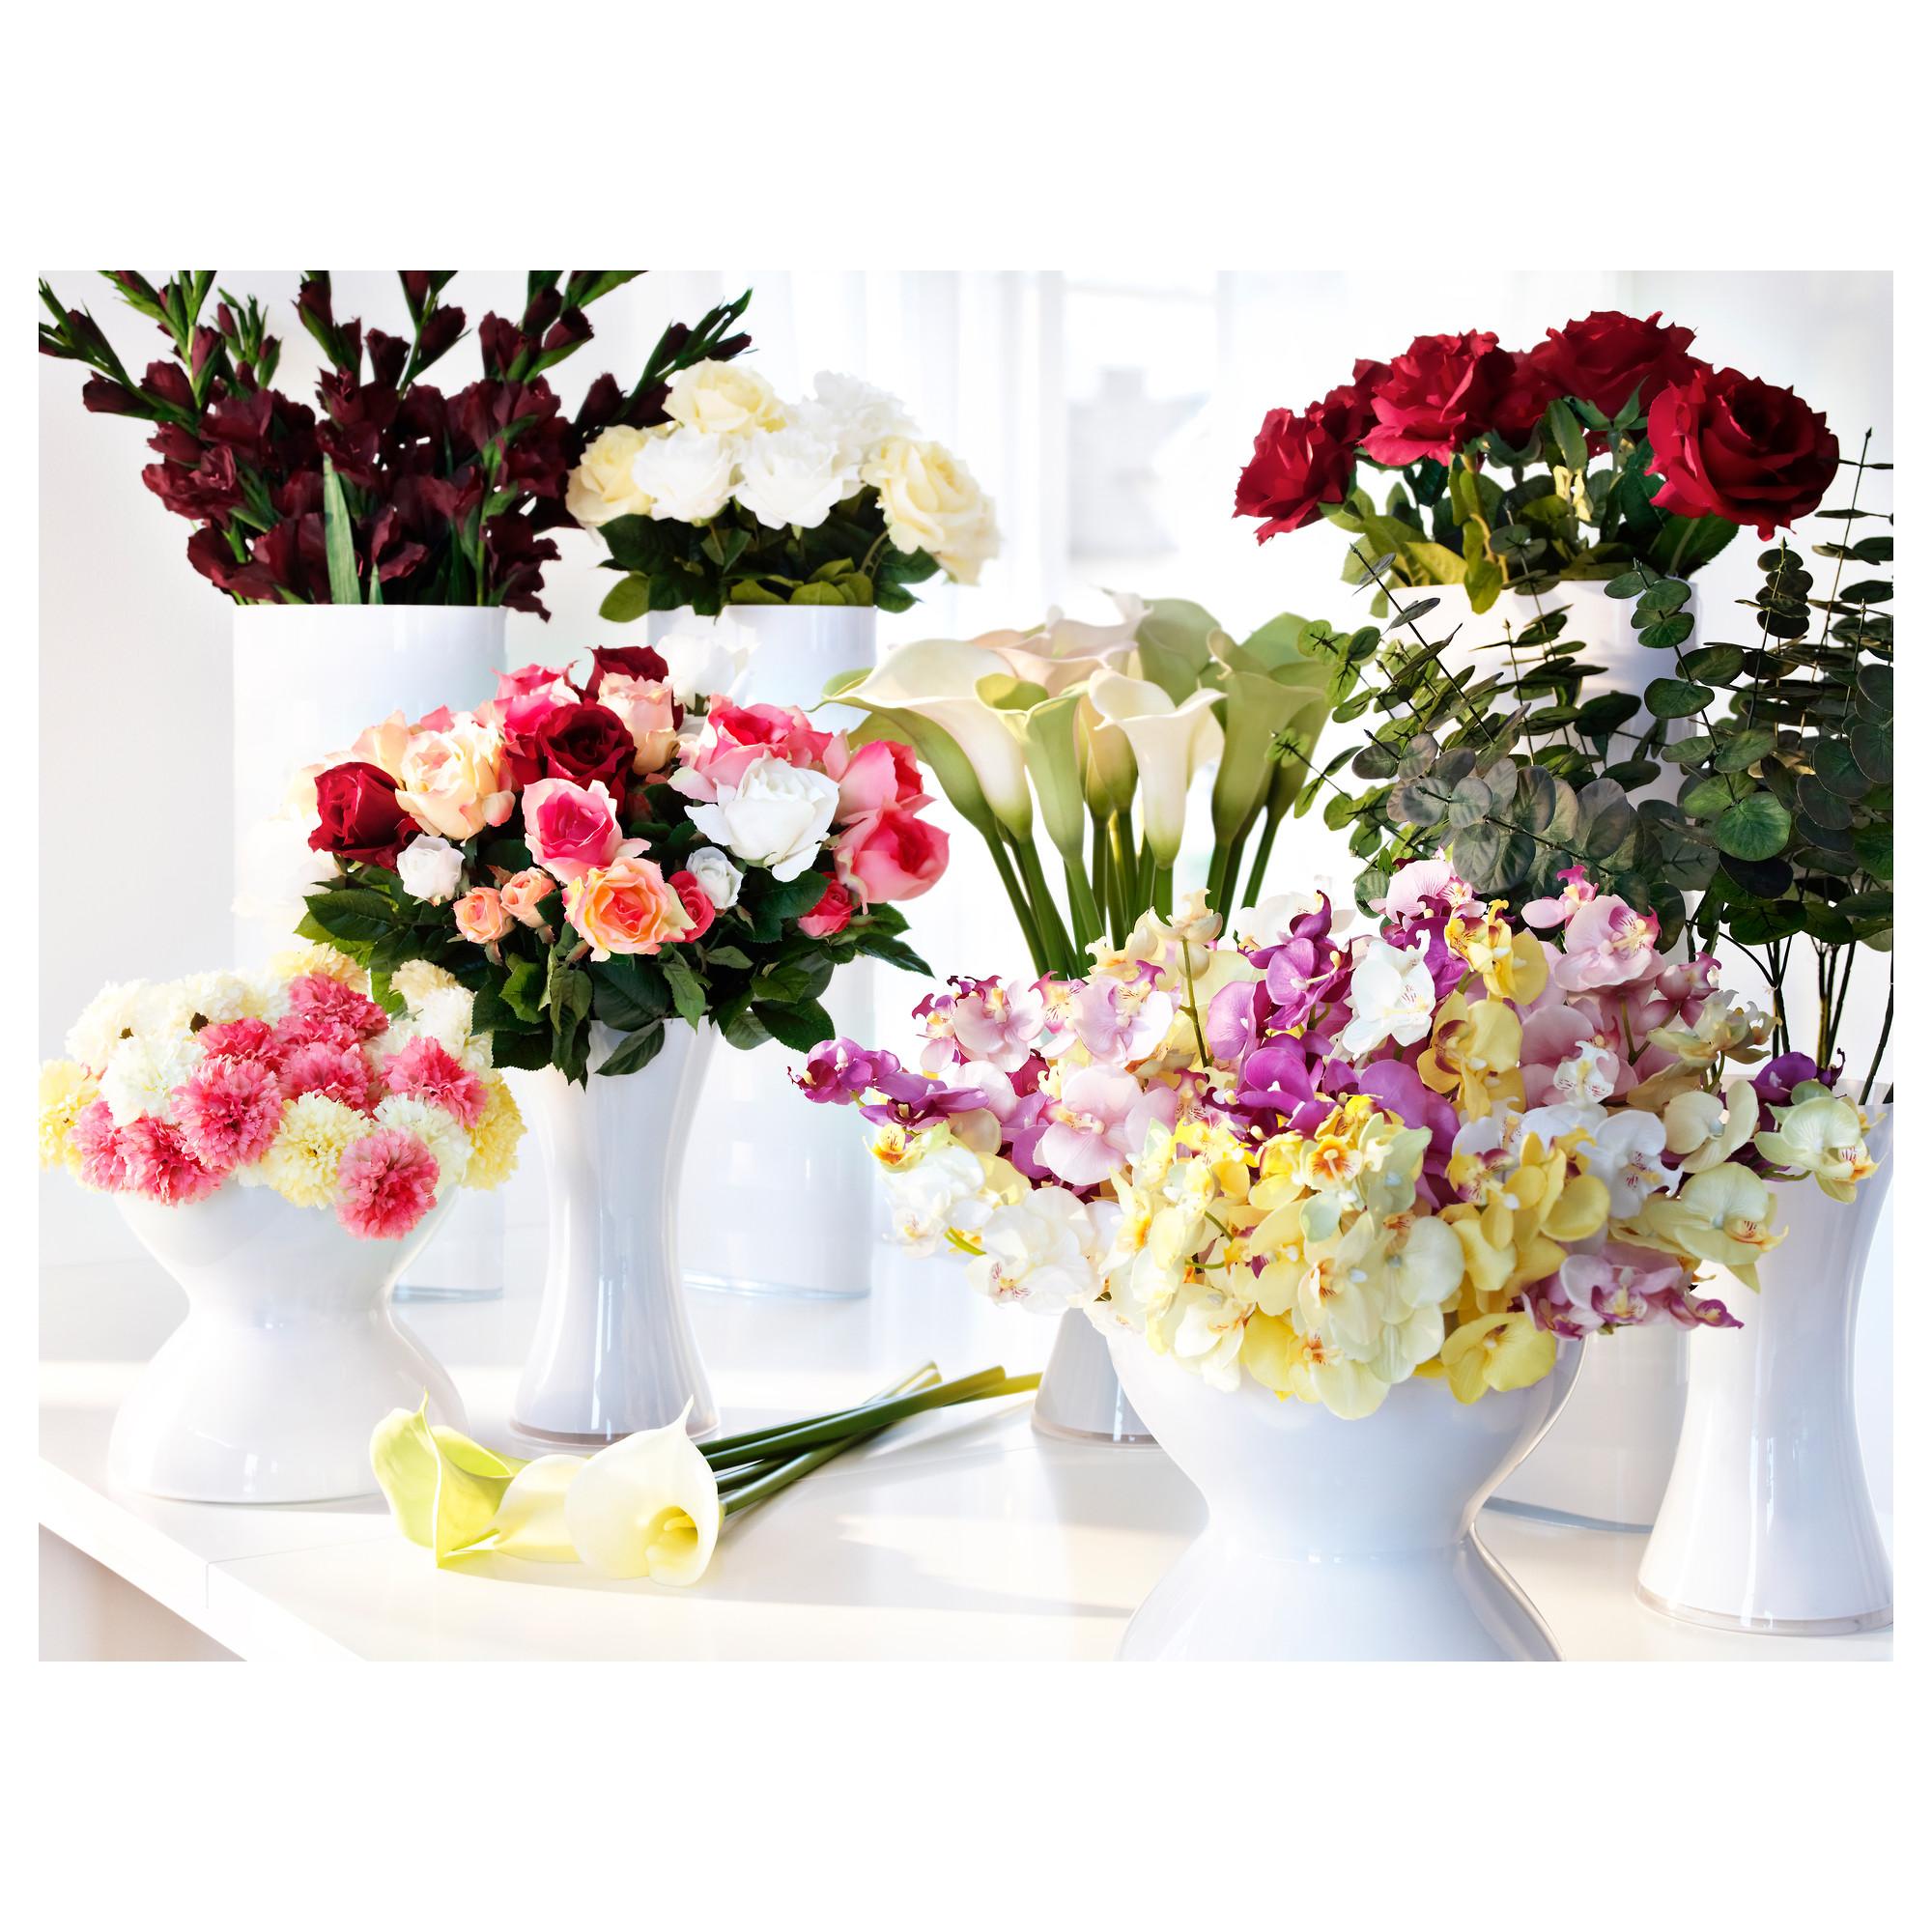 искусственные цветы из икеа в интерьере фото